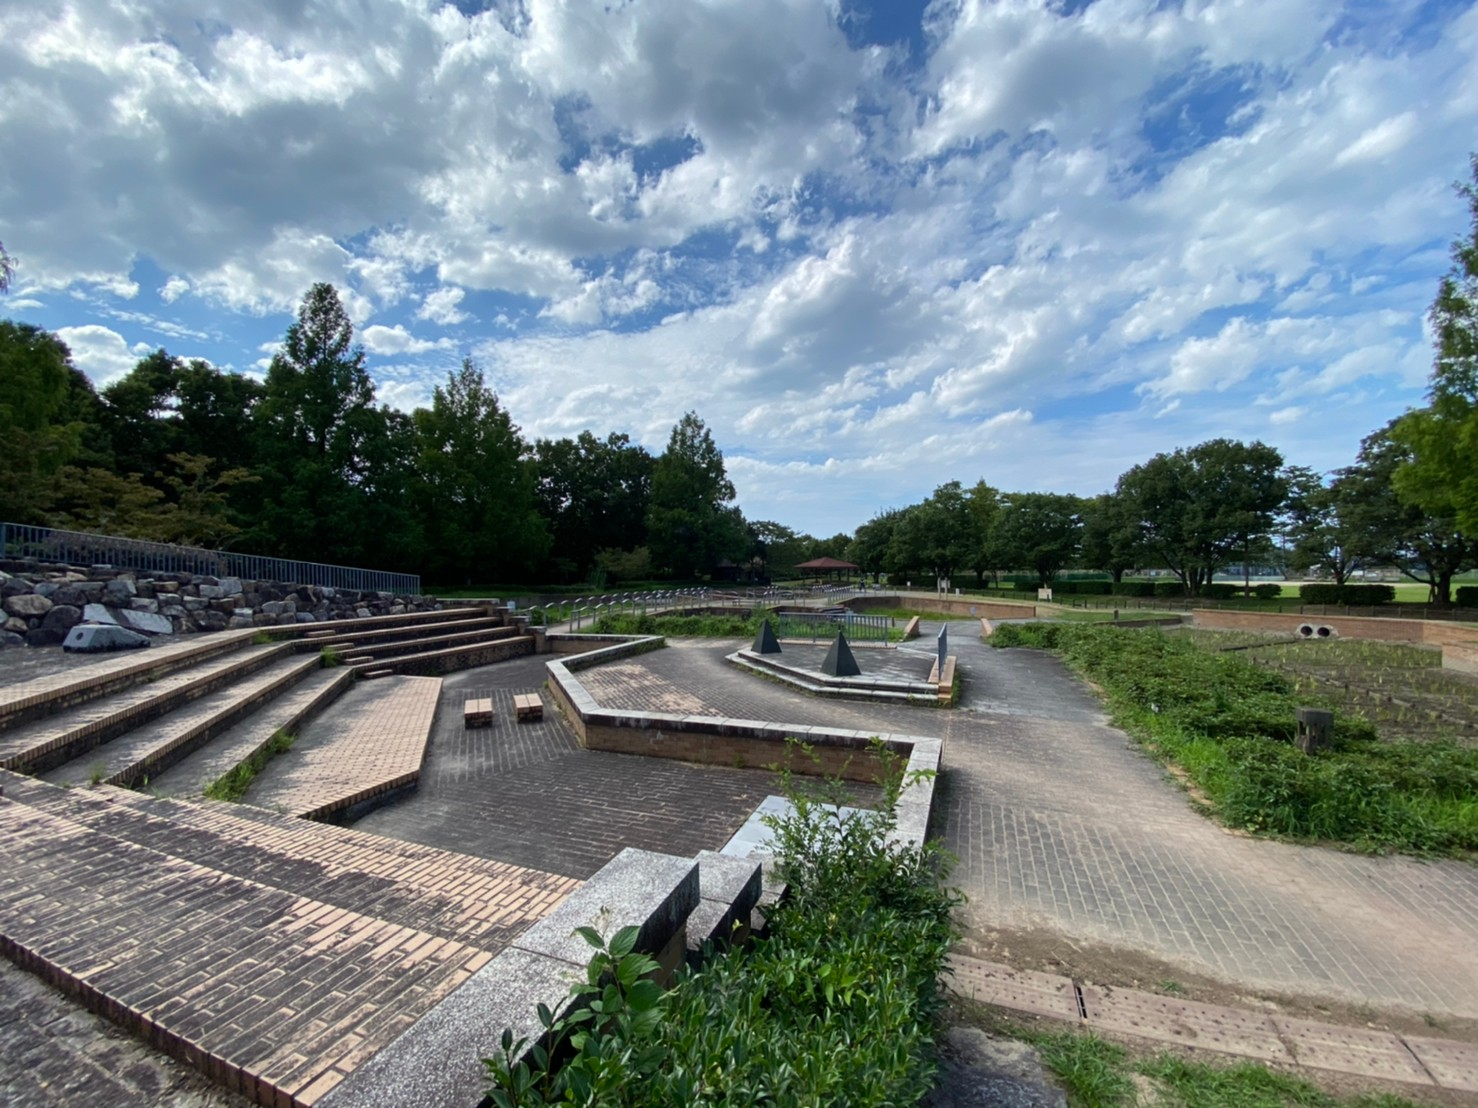 【彦根市】『庄堺公園:しょうさかいこうえん』情報まとめ(花・駐車場・トイレ)